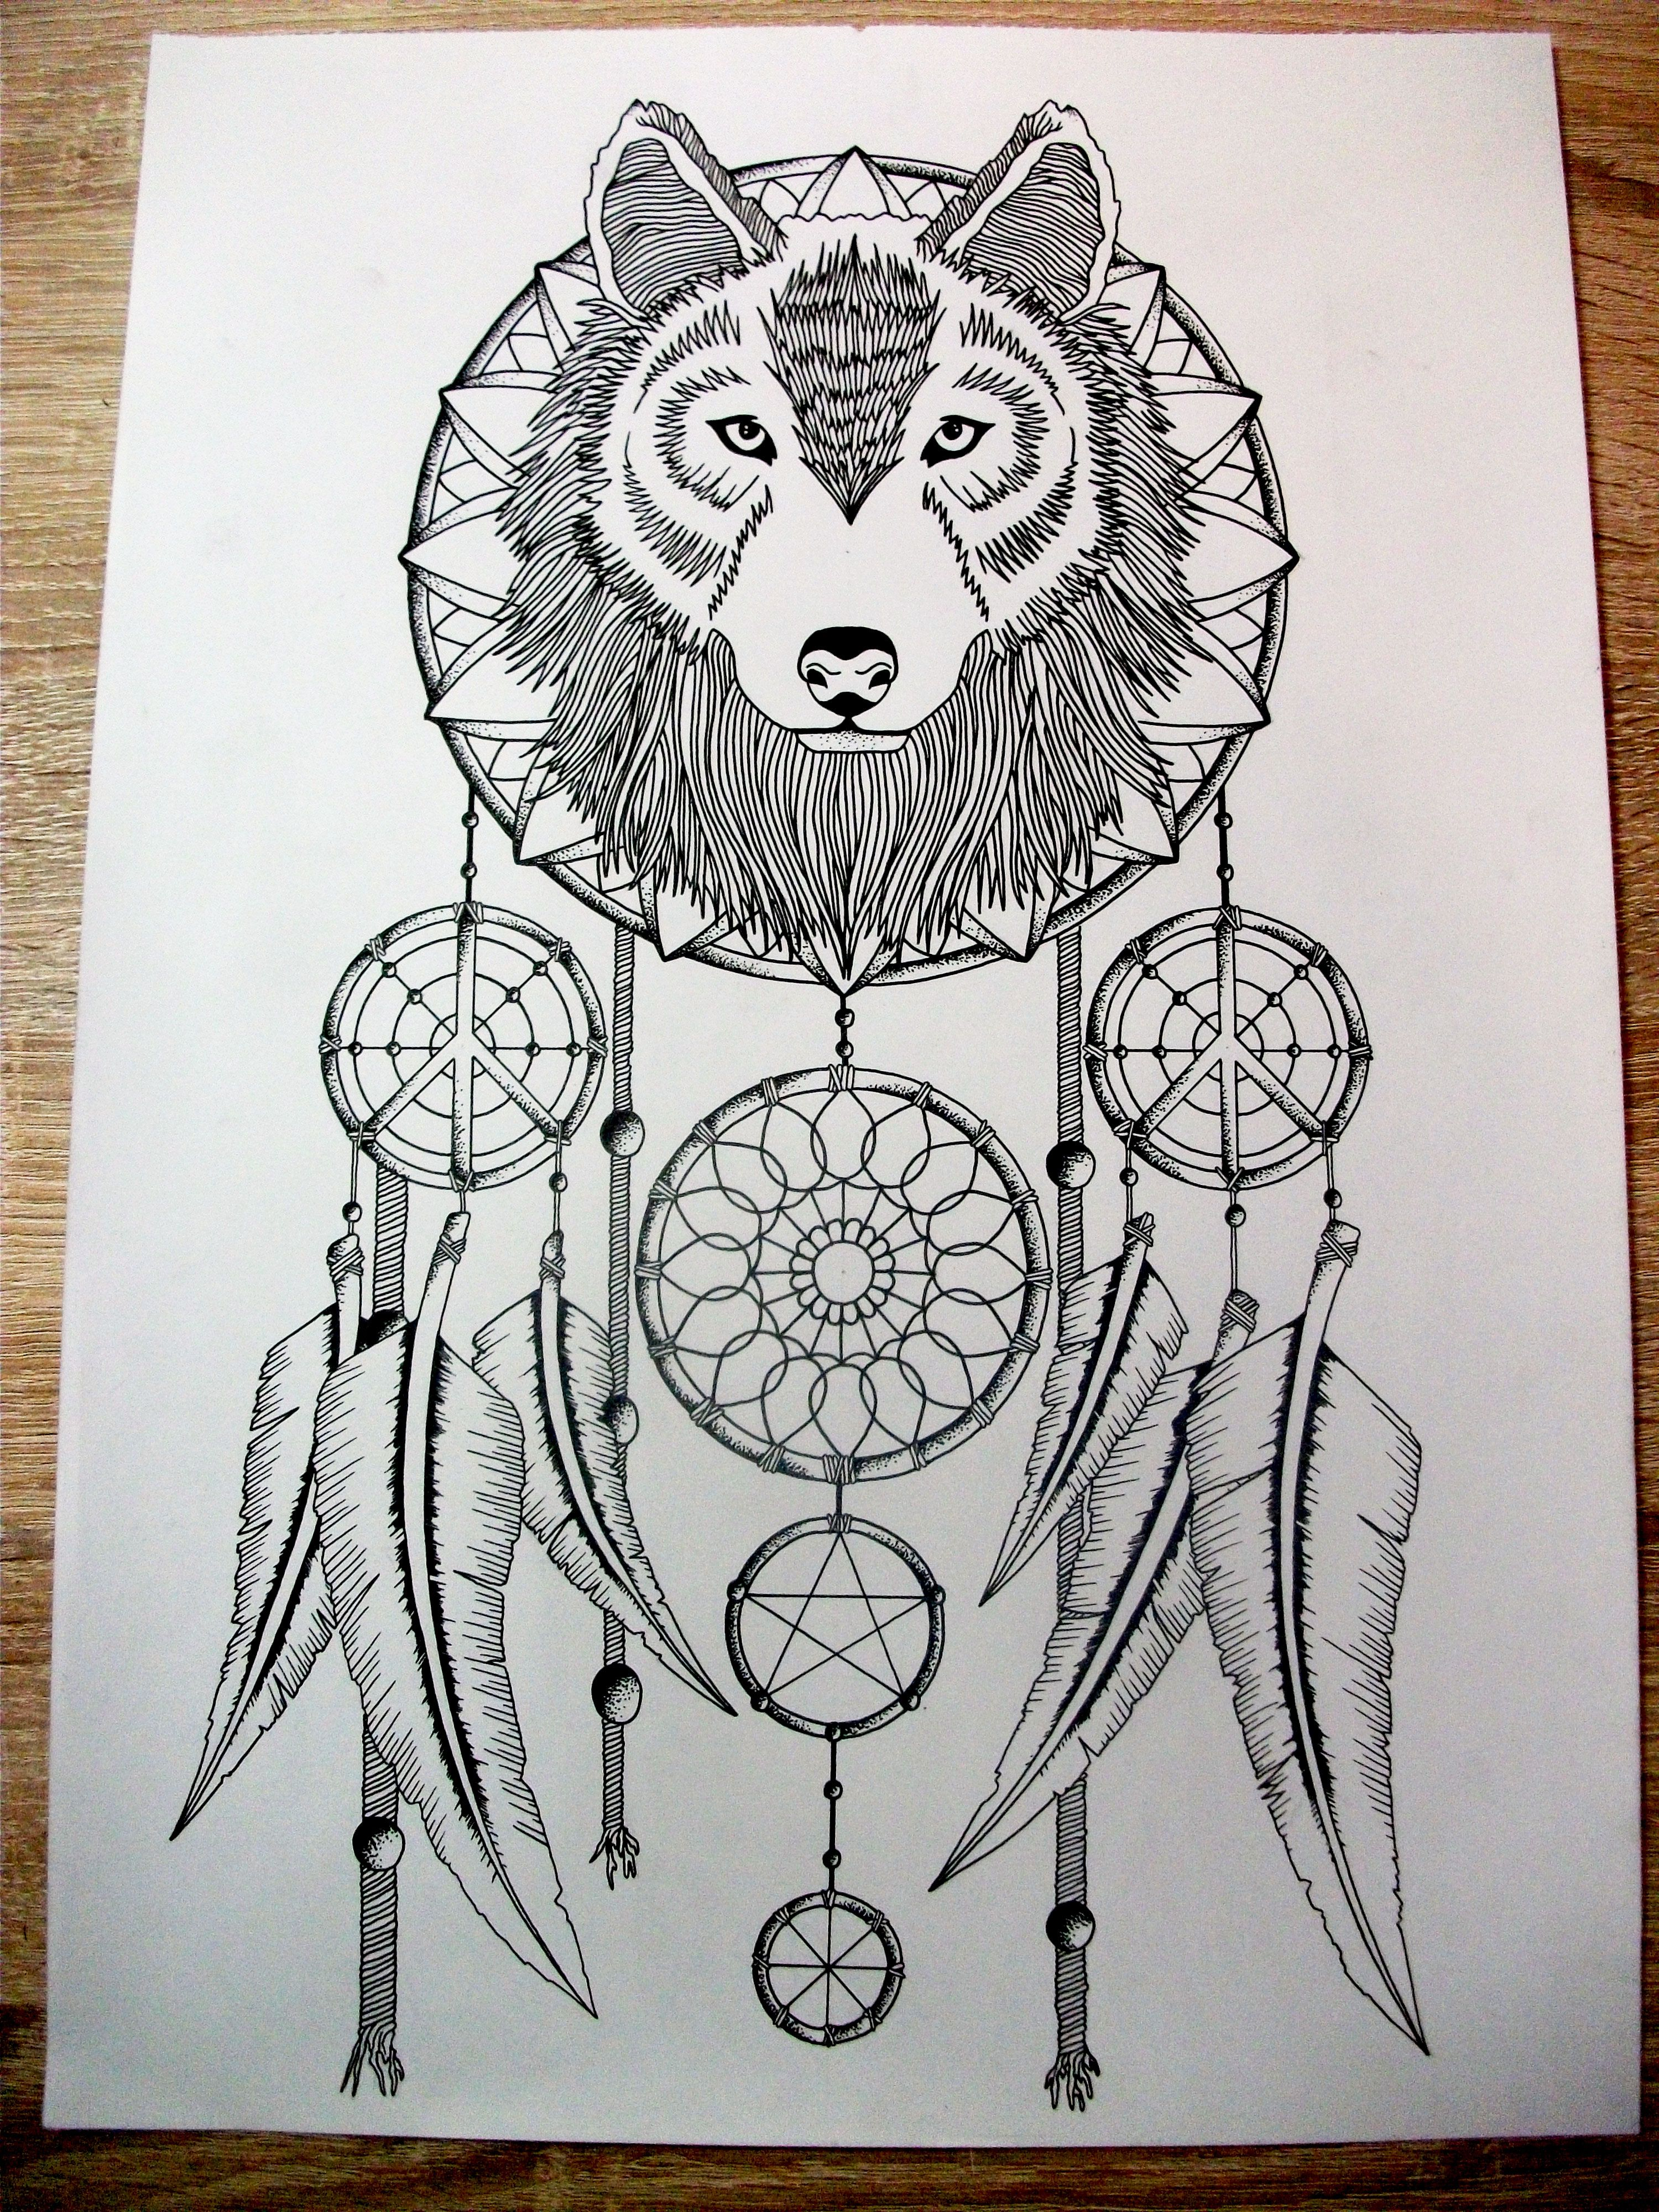 Wolf tattoo dreamcatcher - photo#45